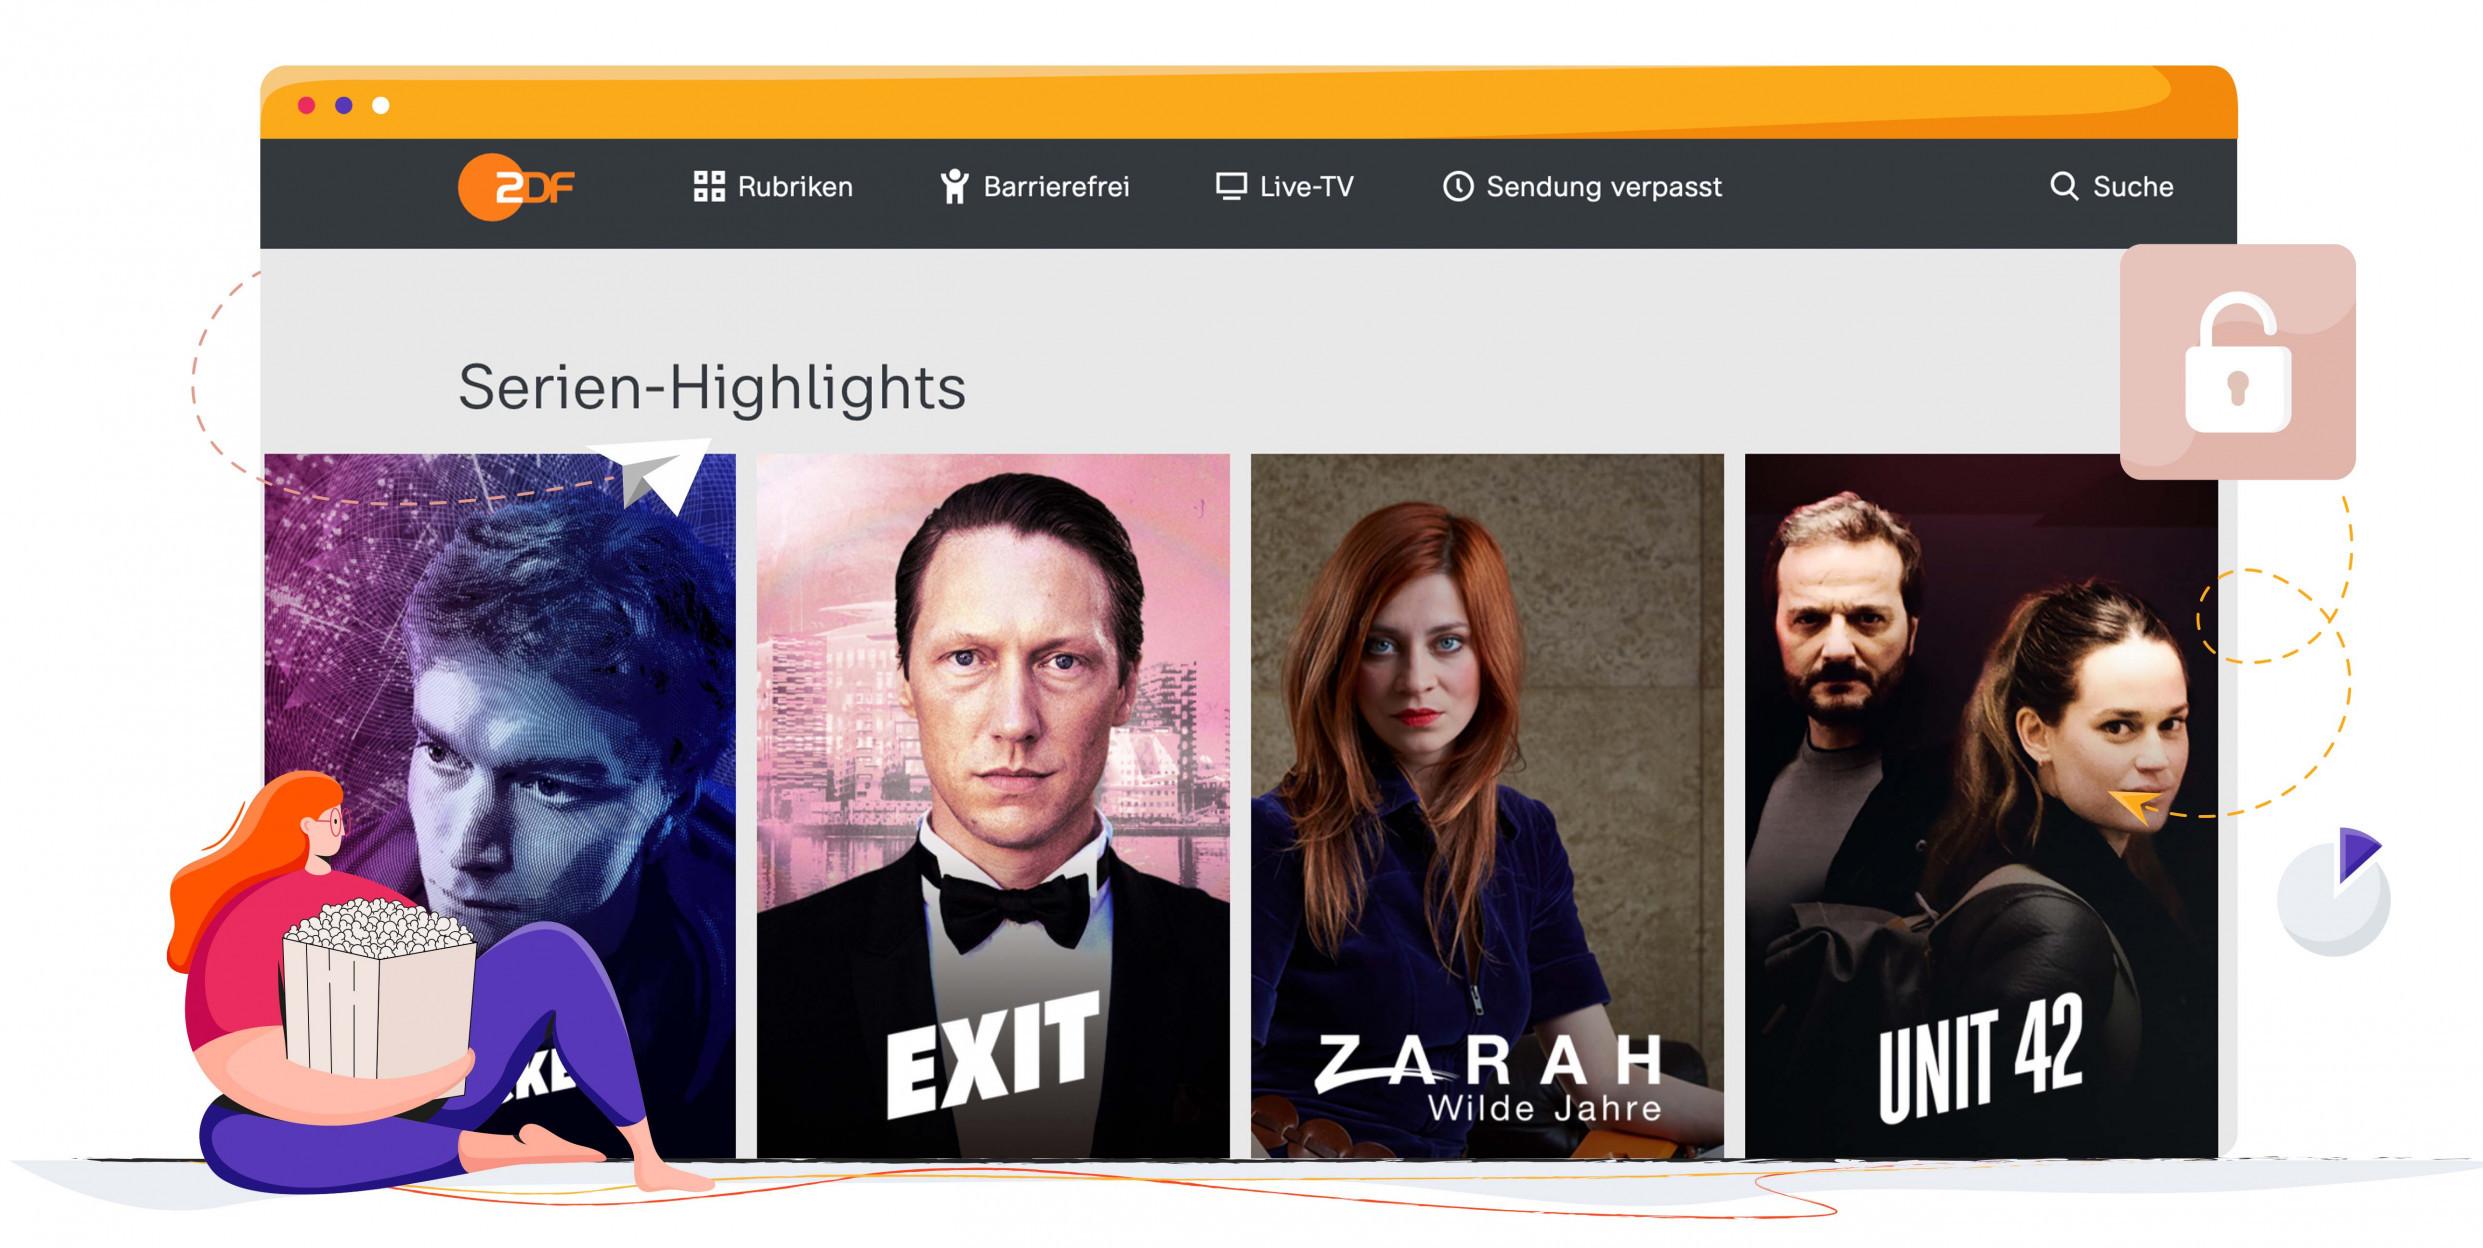 Met een VPN kun je ZDF overal kijken